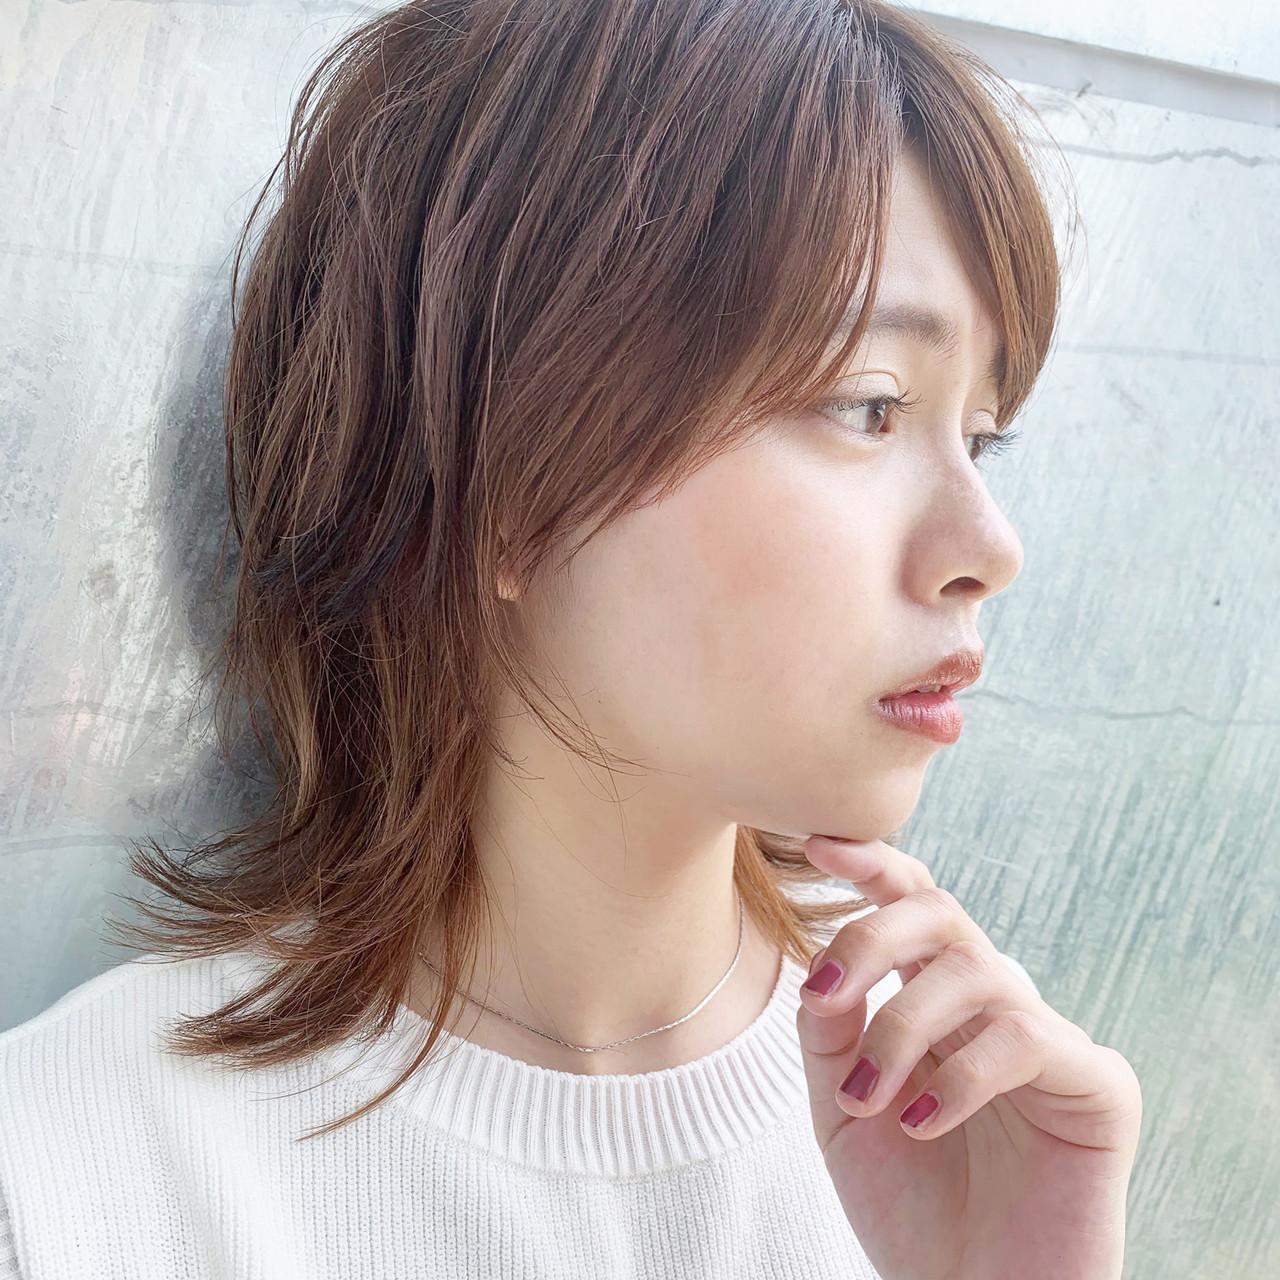 透明感 ボブ 大人女子 小顔 ヘアスタイルや髪型の写真・画像 | 中尾 寿揮 / Anna Lanna